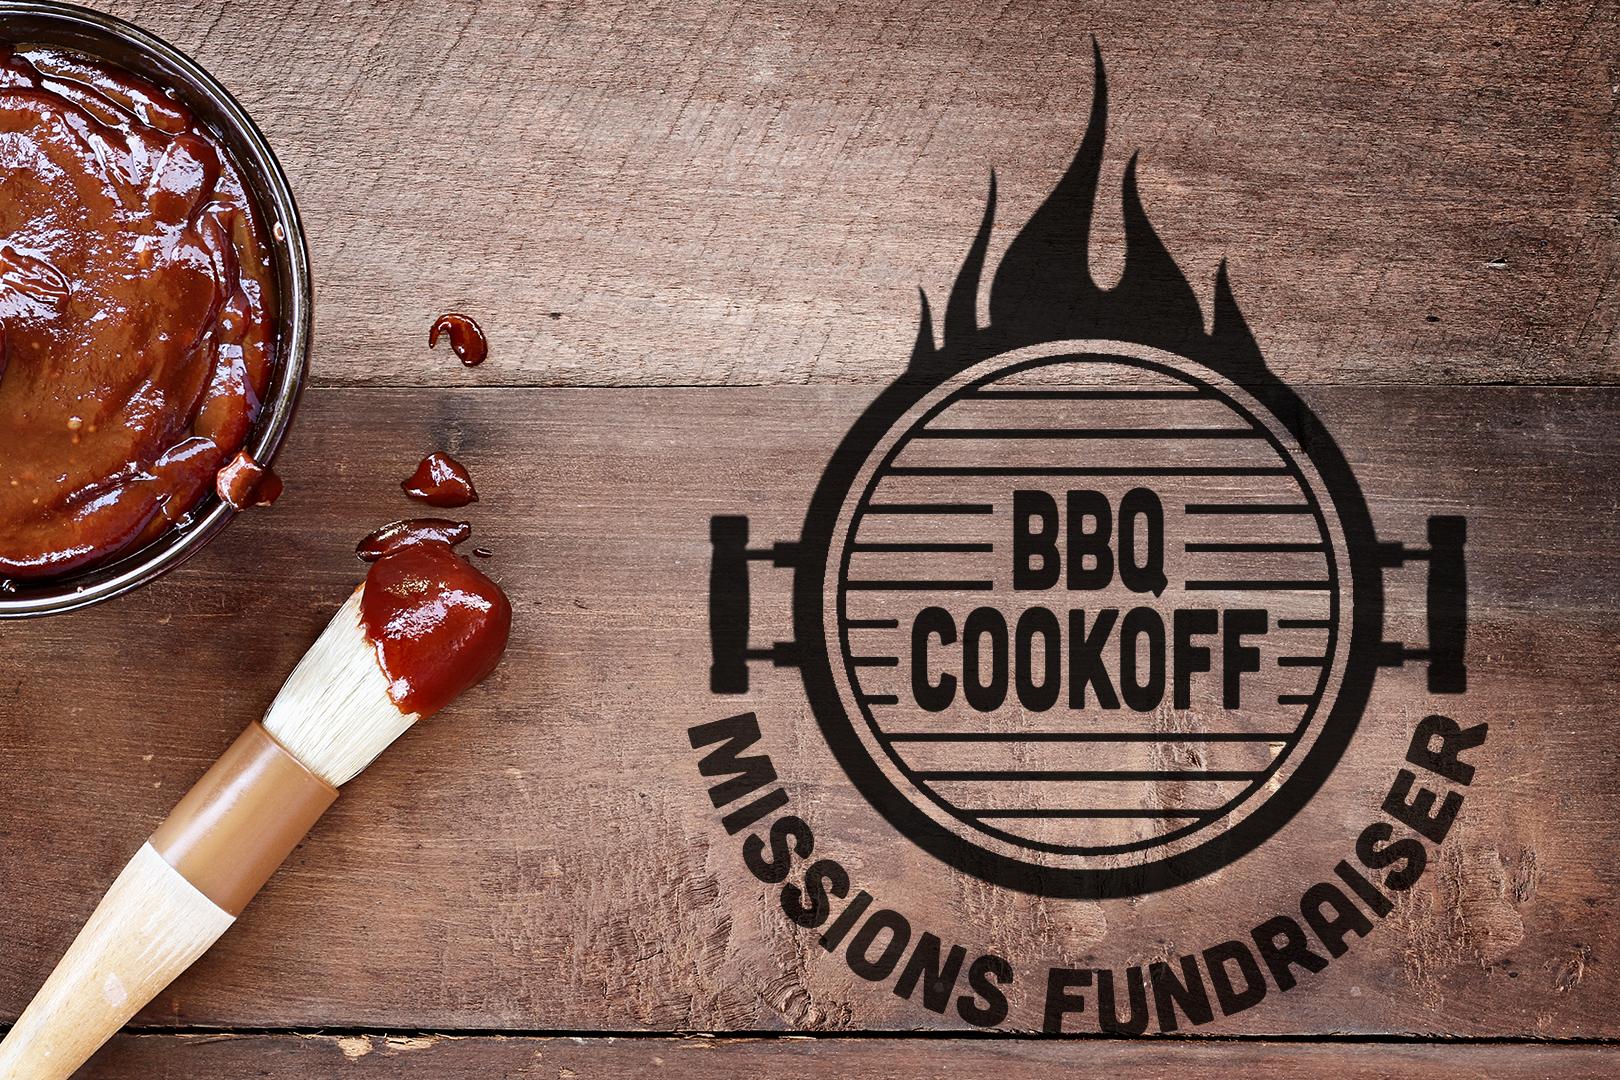 BBQ Cookoff Website.png